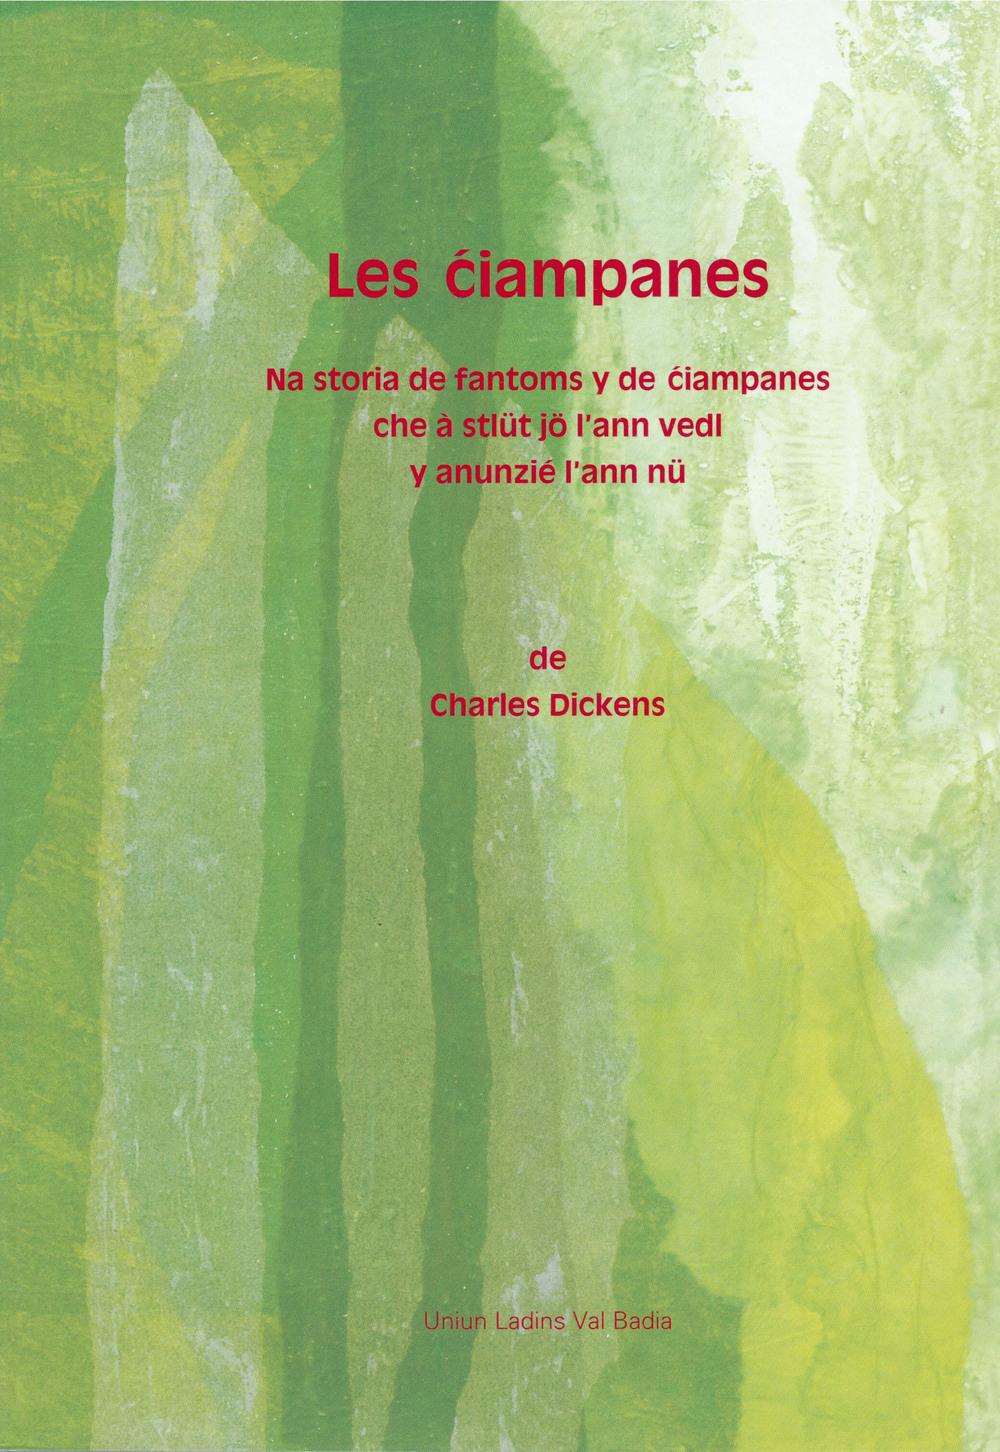 les ciampanes.jpg